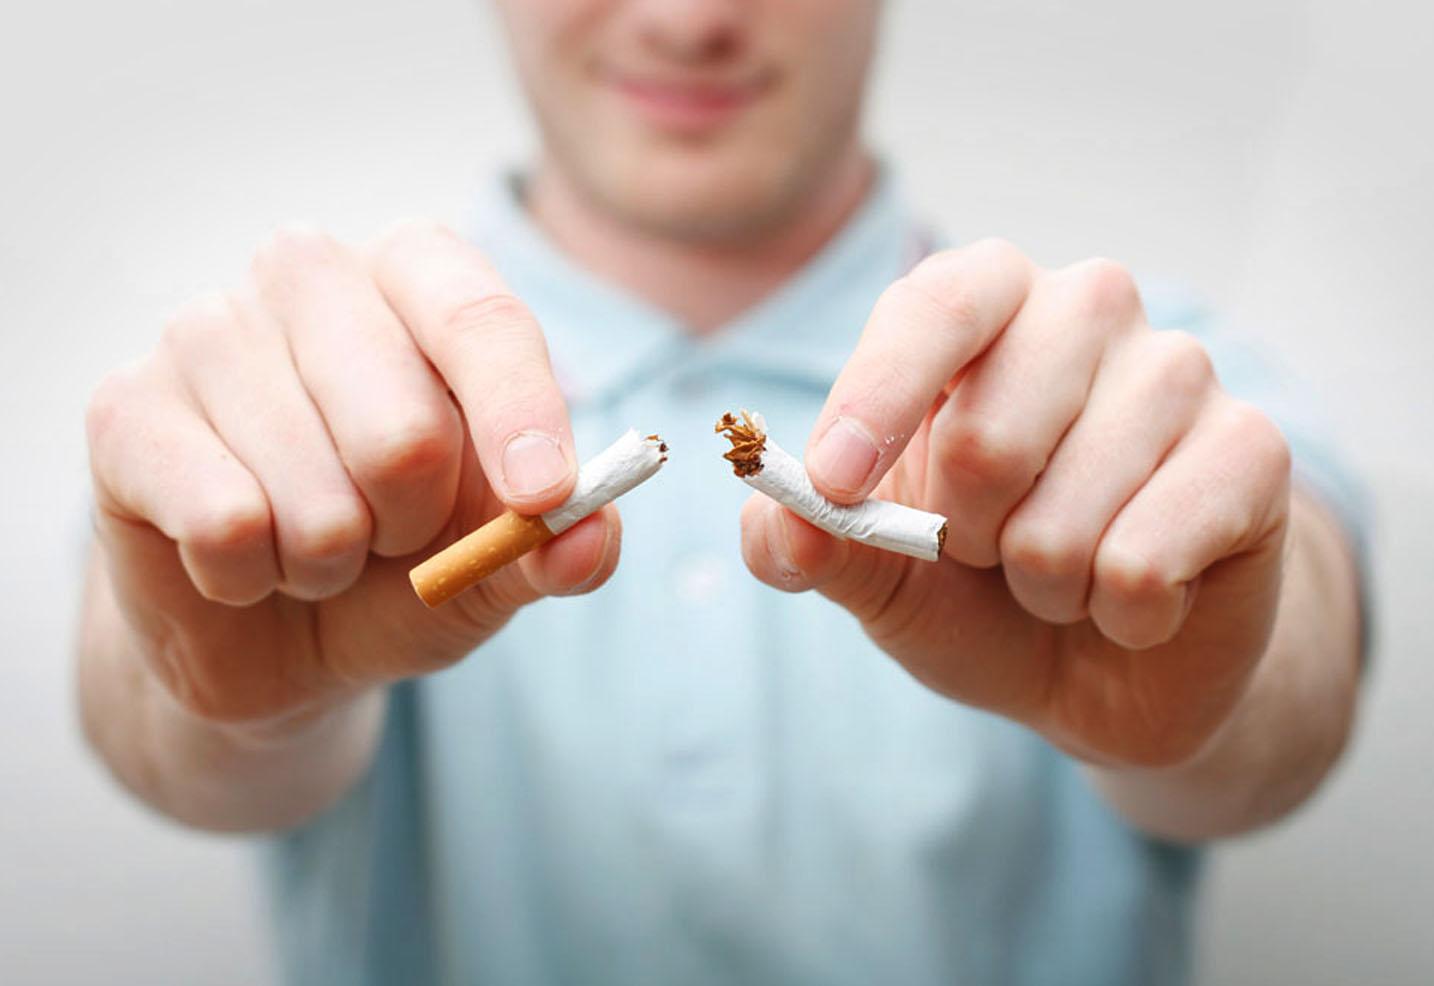 Razones por las que dejar de fumar y beneficios para tu salud